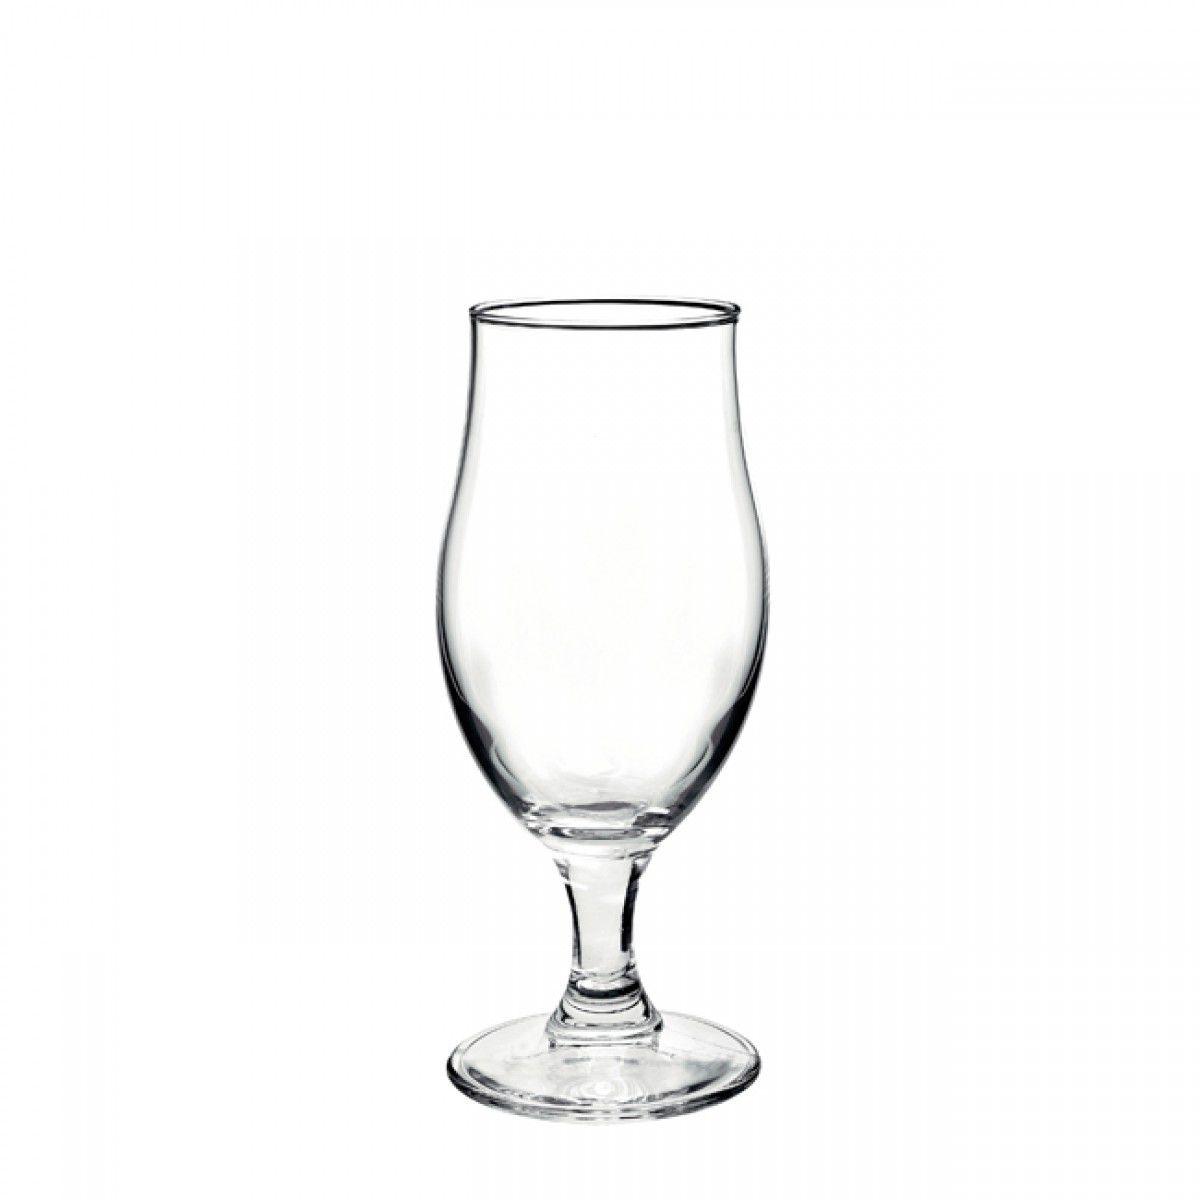 Conjunto de Taças para Cerveja Bormioli Rocco Executive BOR128540 - 6 Peças